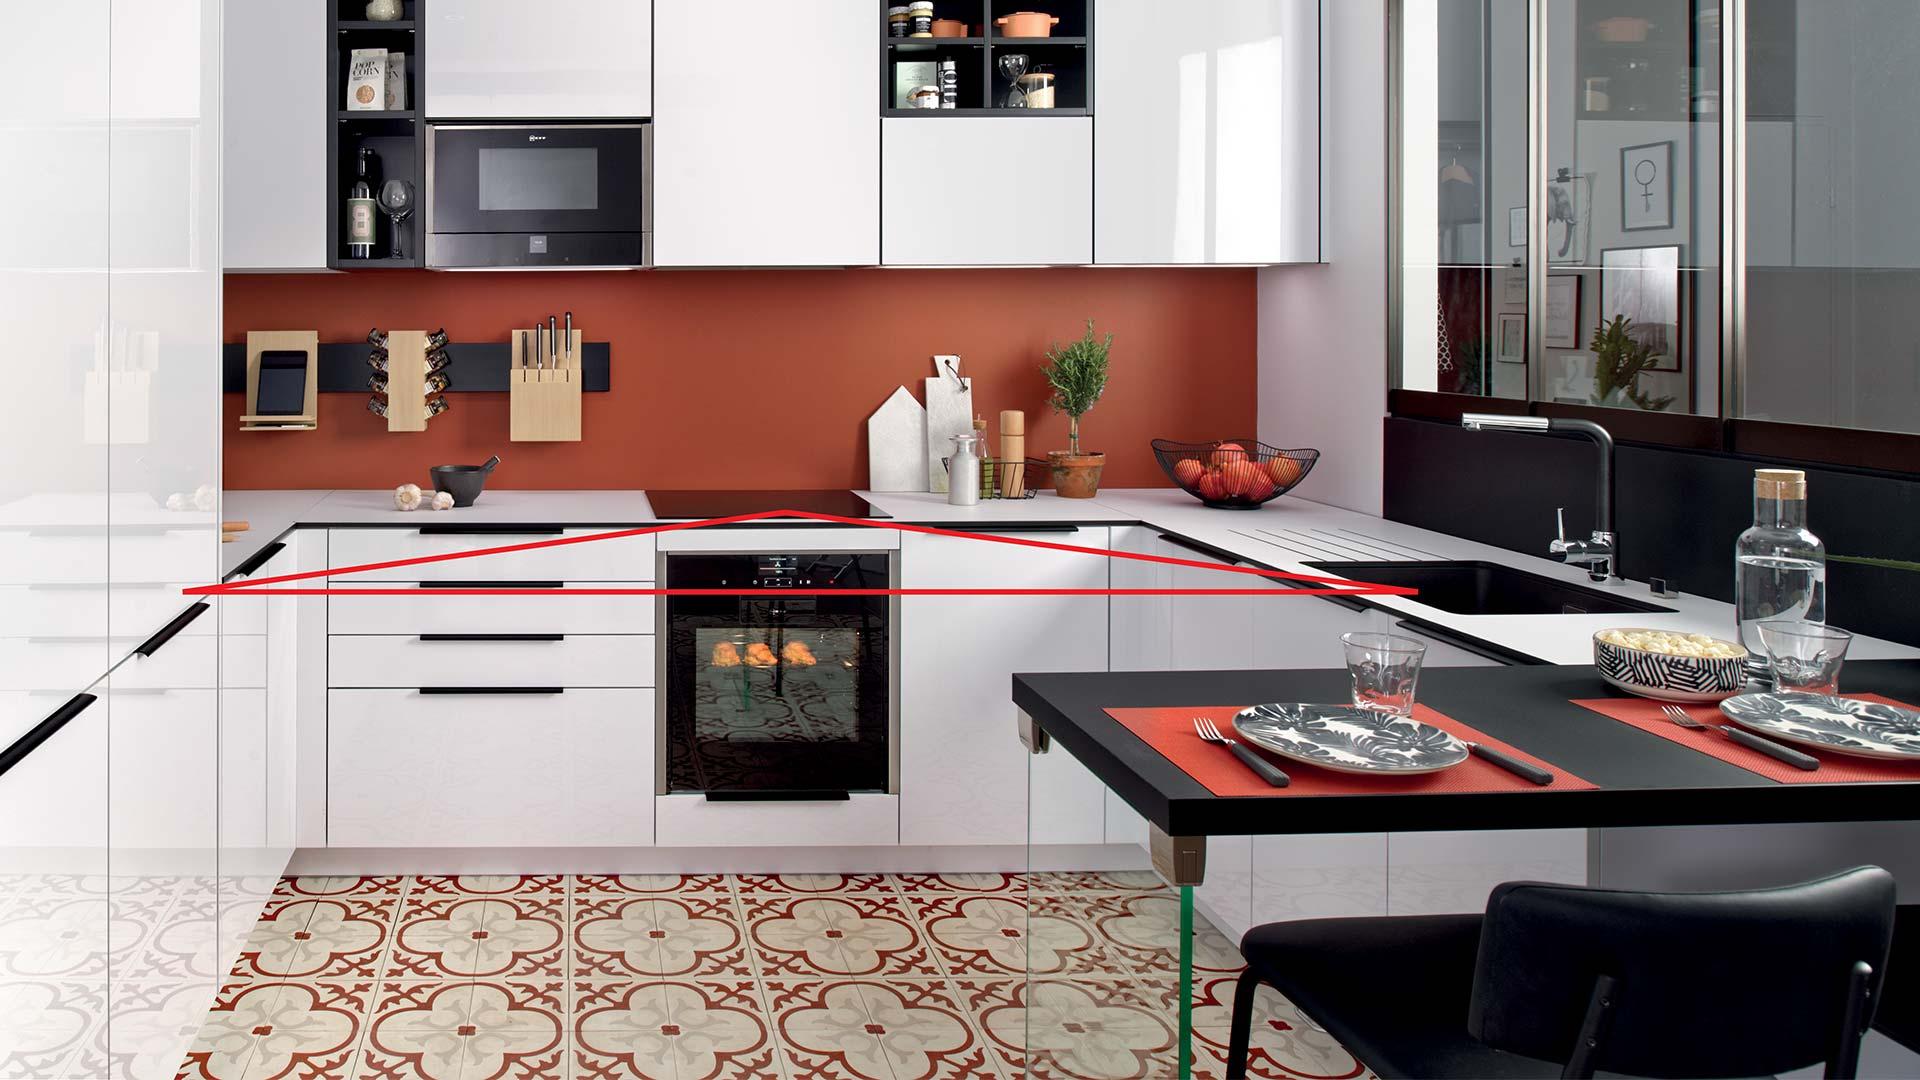 Comment Aménager Son Cellier aménager sa cuisine : organiser les zones d'activités | blog